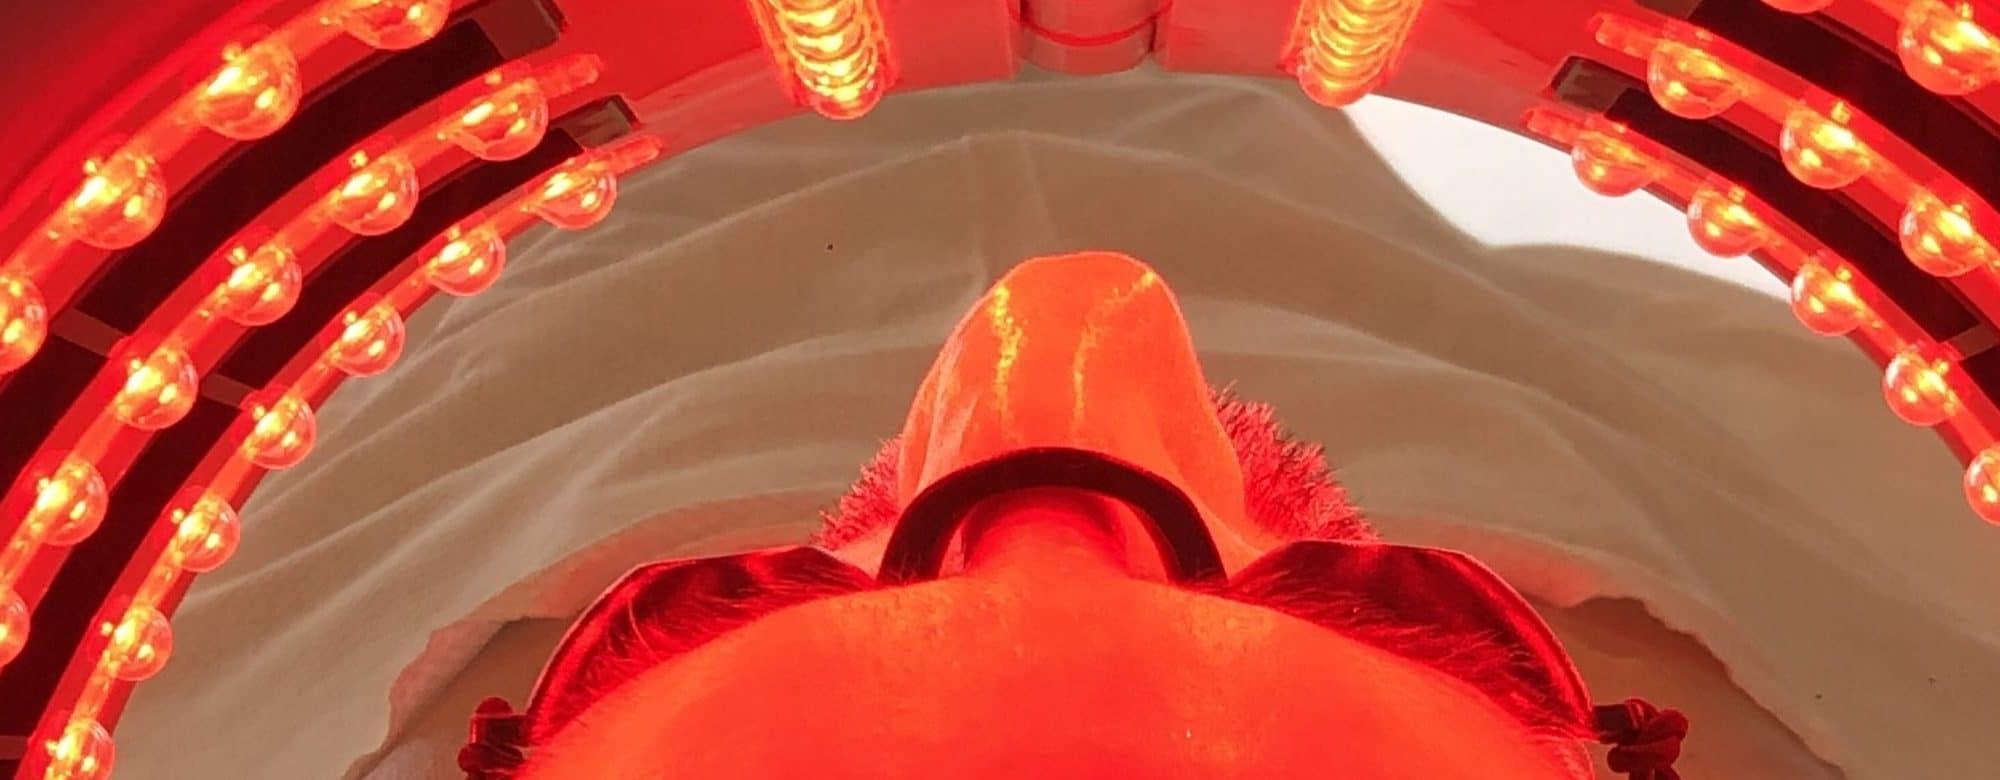 LED therapie hasselt